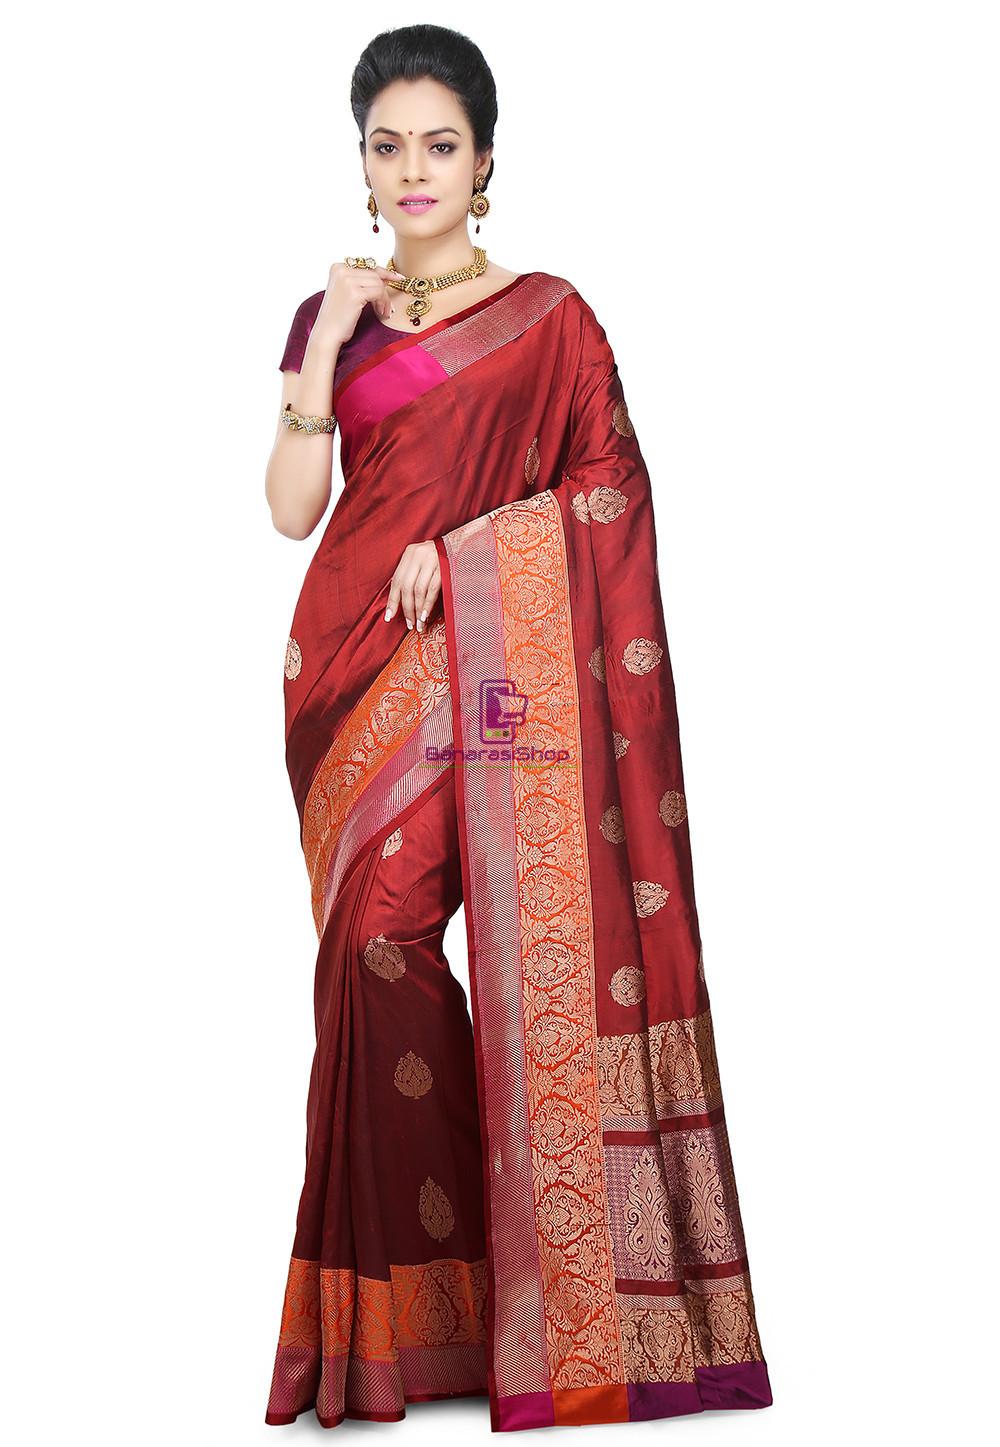 Banarasi Pure Katan Silk Handloom Saree in Maroon 1